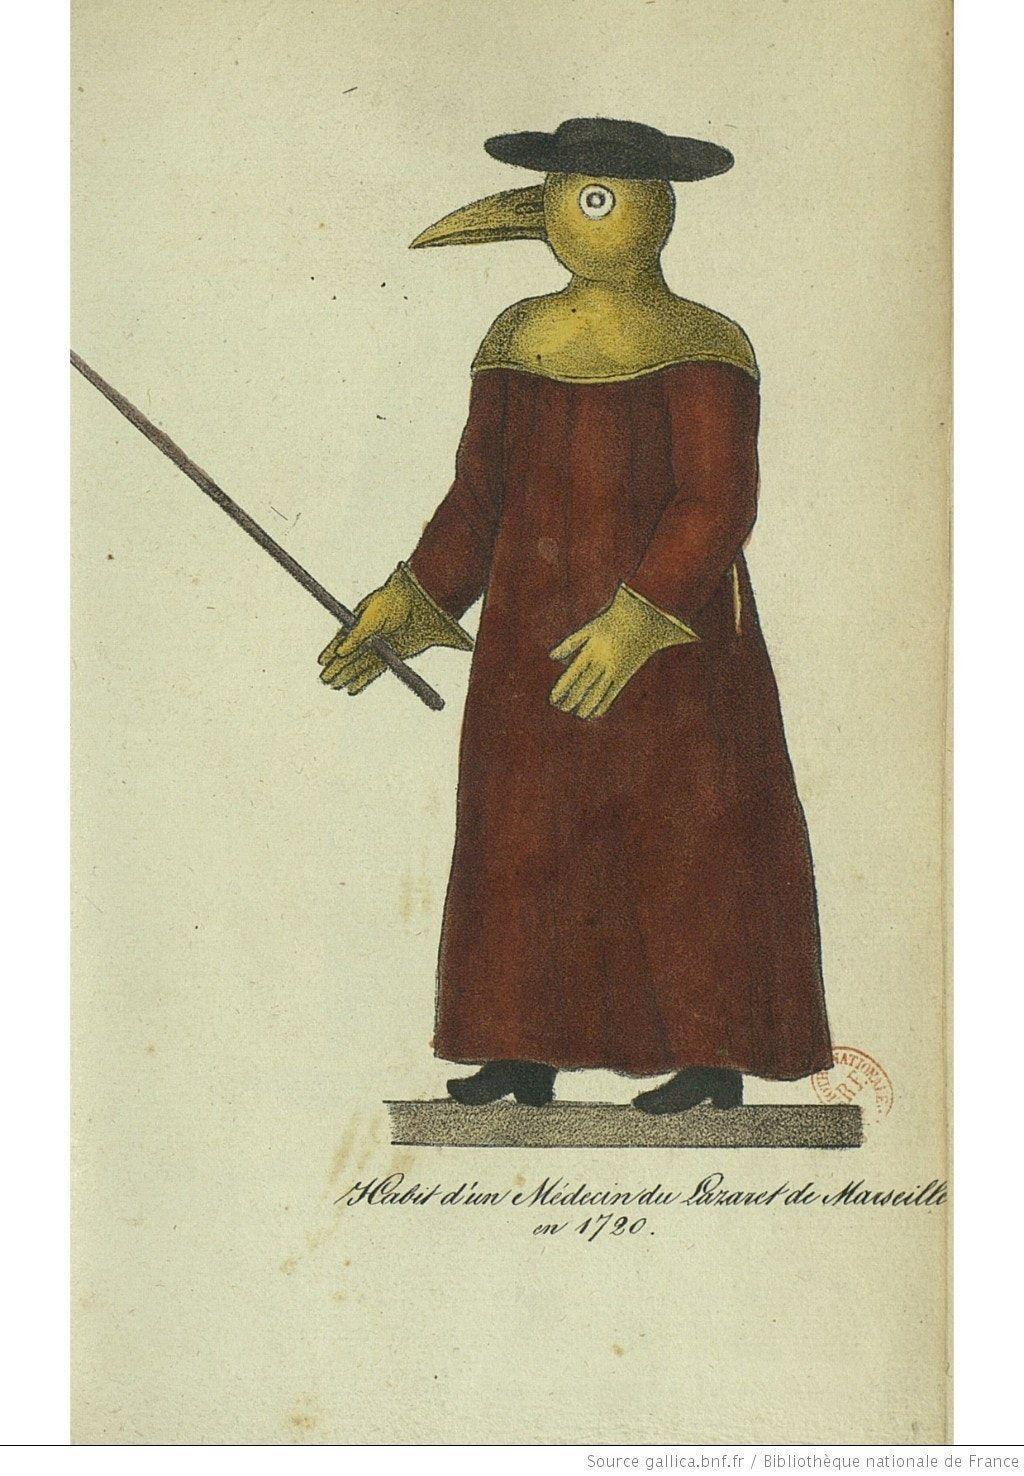 A marseille-i járvány idejéből (forrás: gallica.bnf.fr)